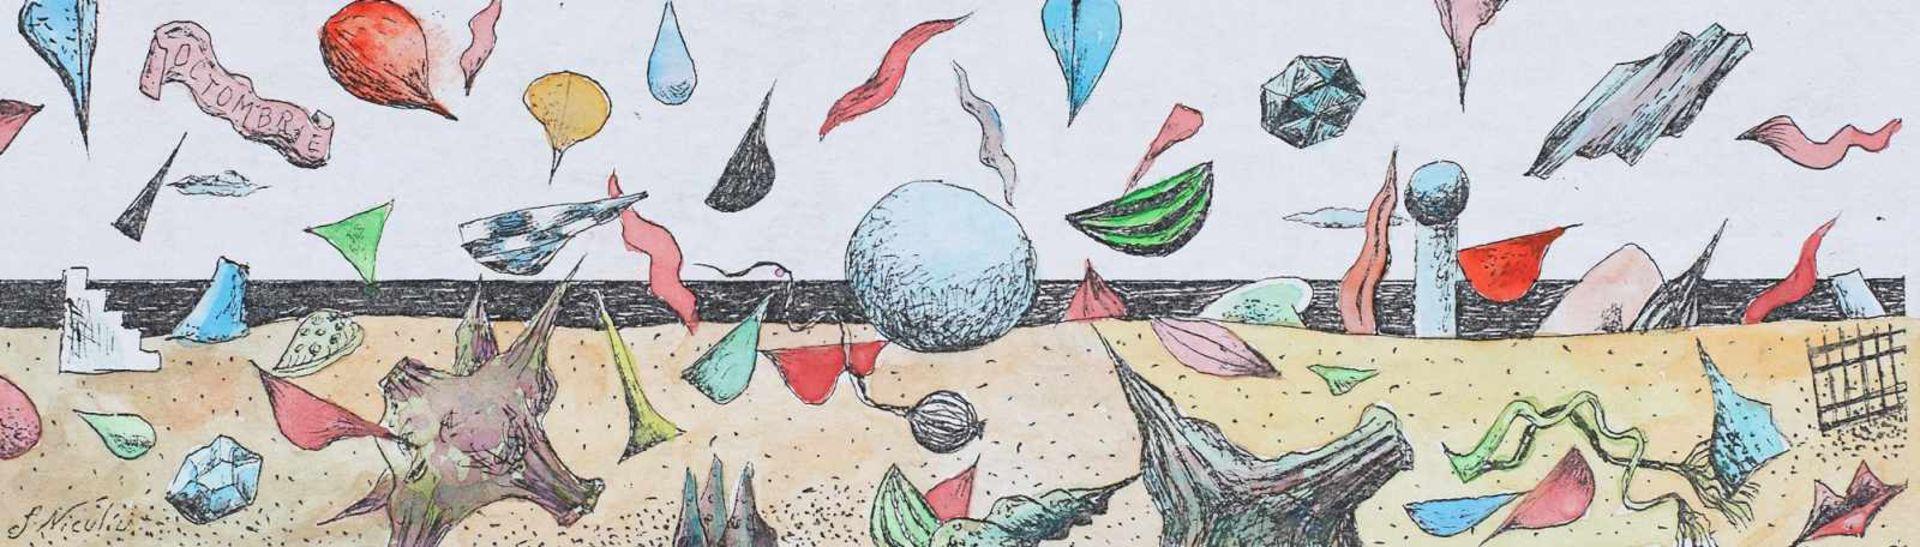 Florin Niculiu, Surreal Composition